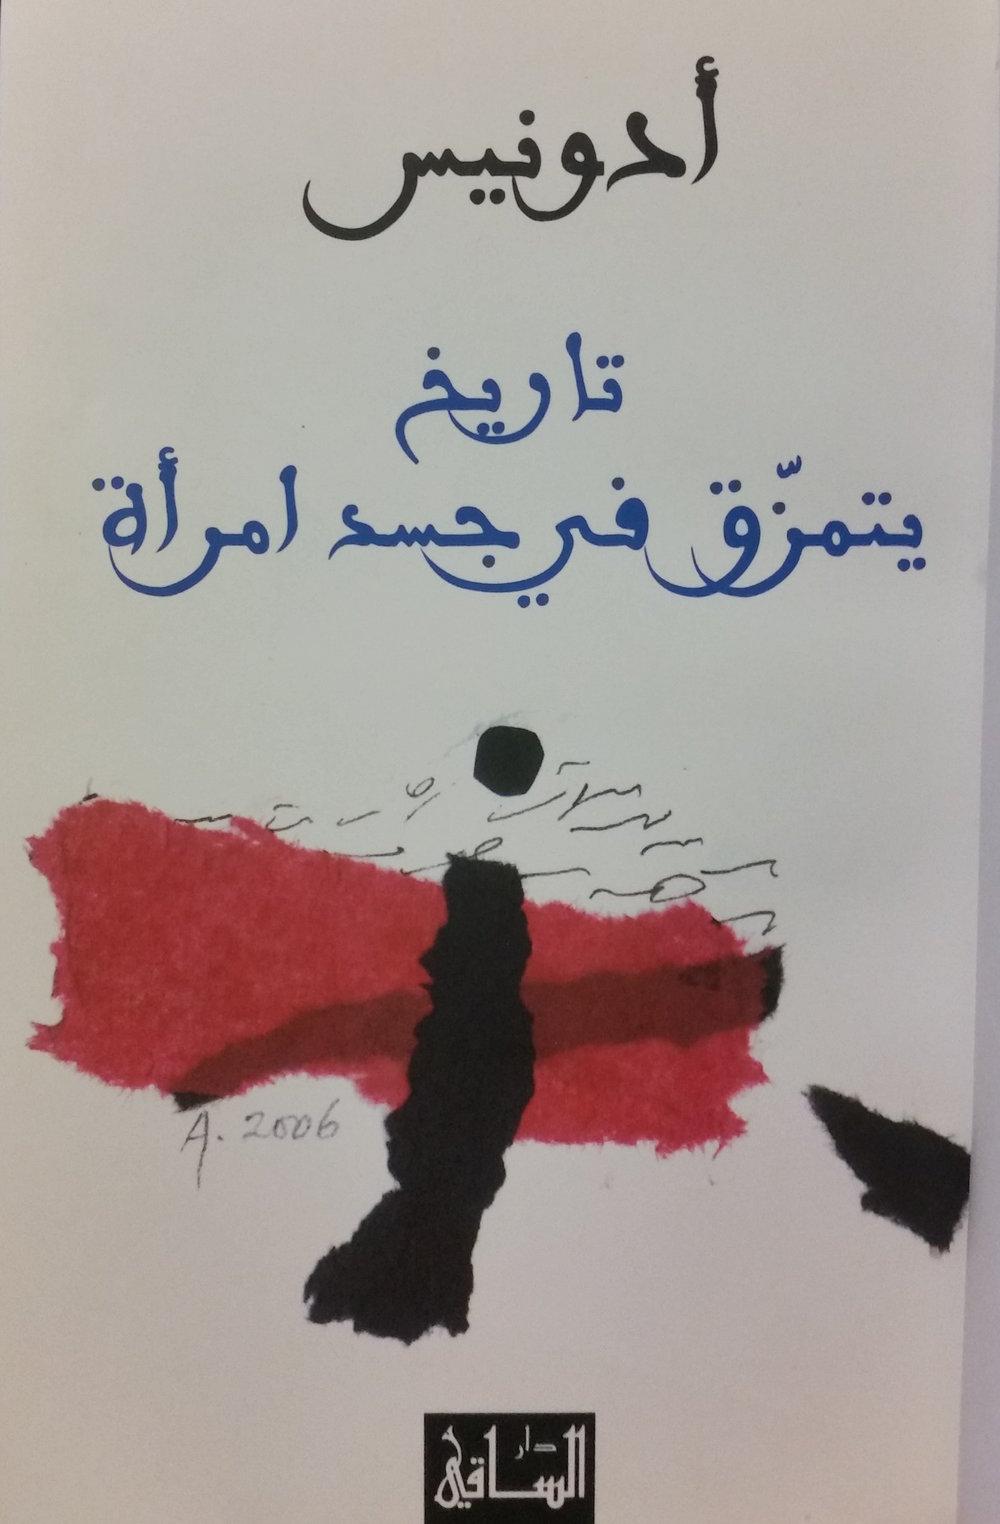 Tārīkh yatamazzaq fī jasad imra'ah: qaṣīdah bi-aṣwāt mutaʻaddidah  (Bayrūt : Dār al-Sāqī, 2007